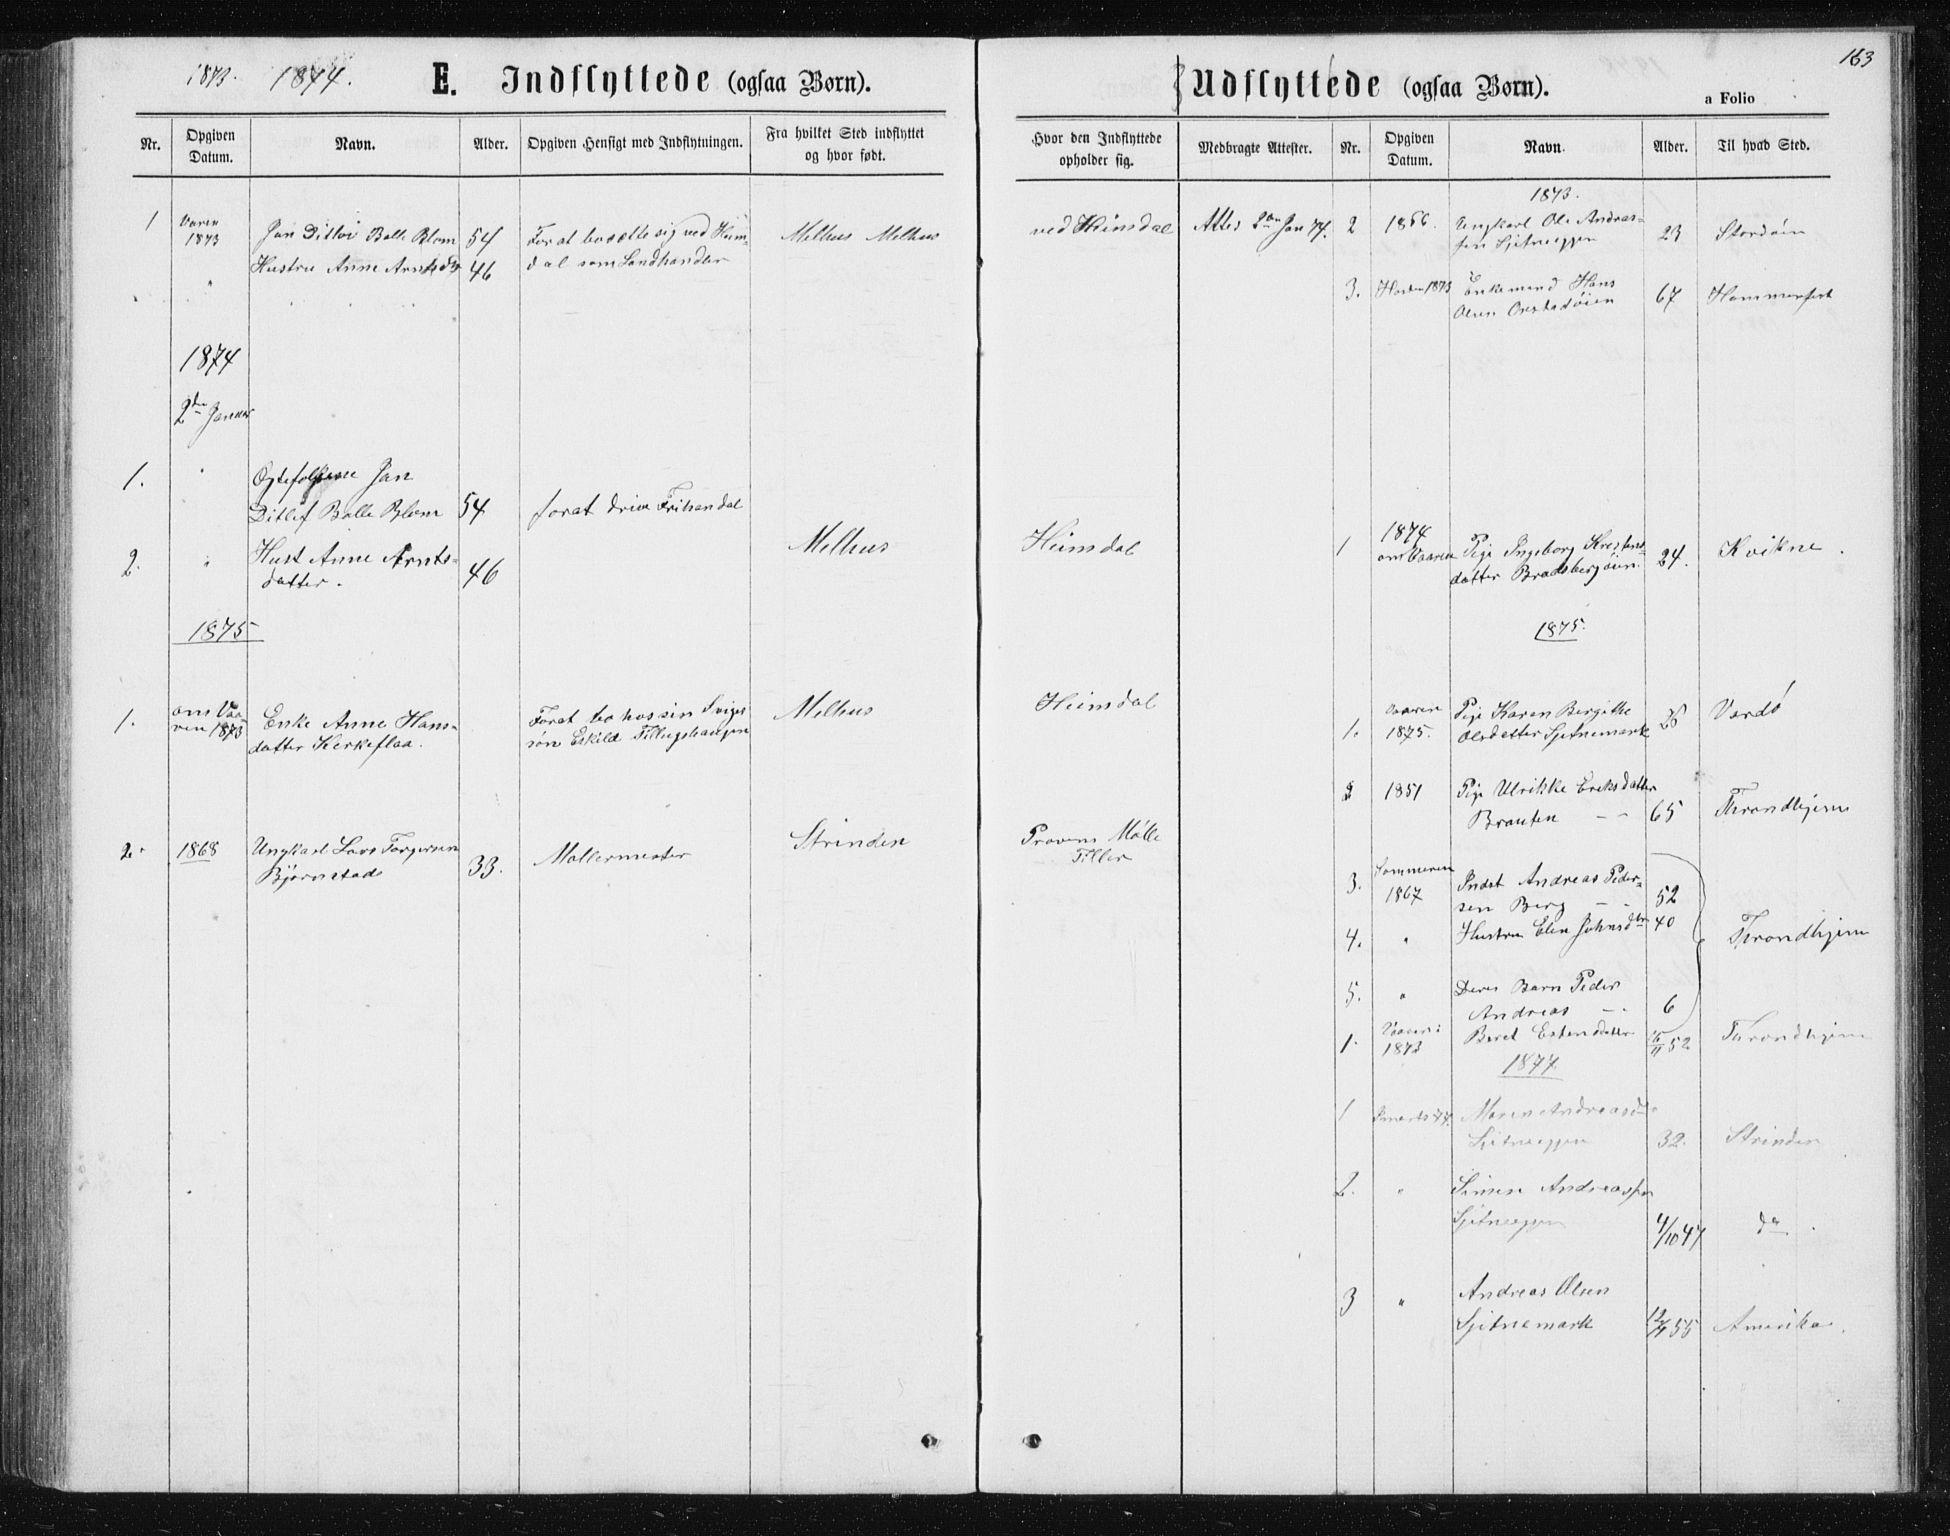 SAT, Ministerialprotokoller, klokkerbøker og fødselsregistre - Sør-Trøndelag, 621/L0459: Klokkerbok nr. 621C02, 1866-1895, s. 163